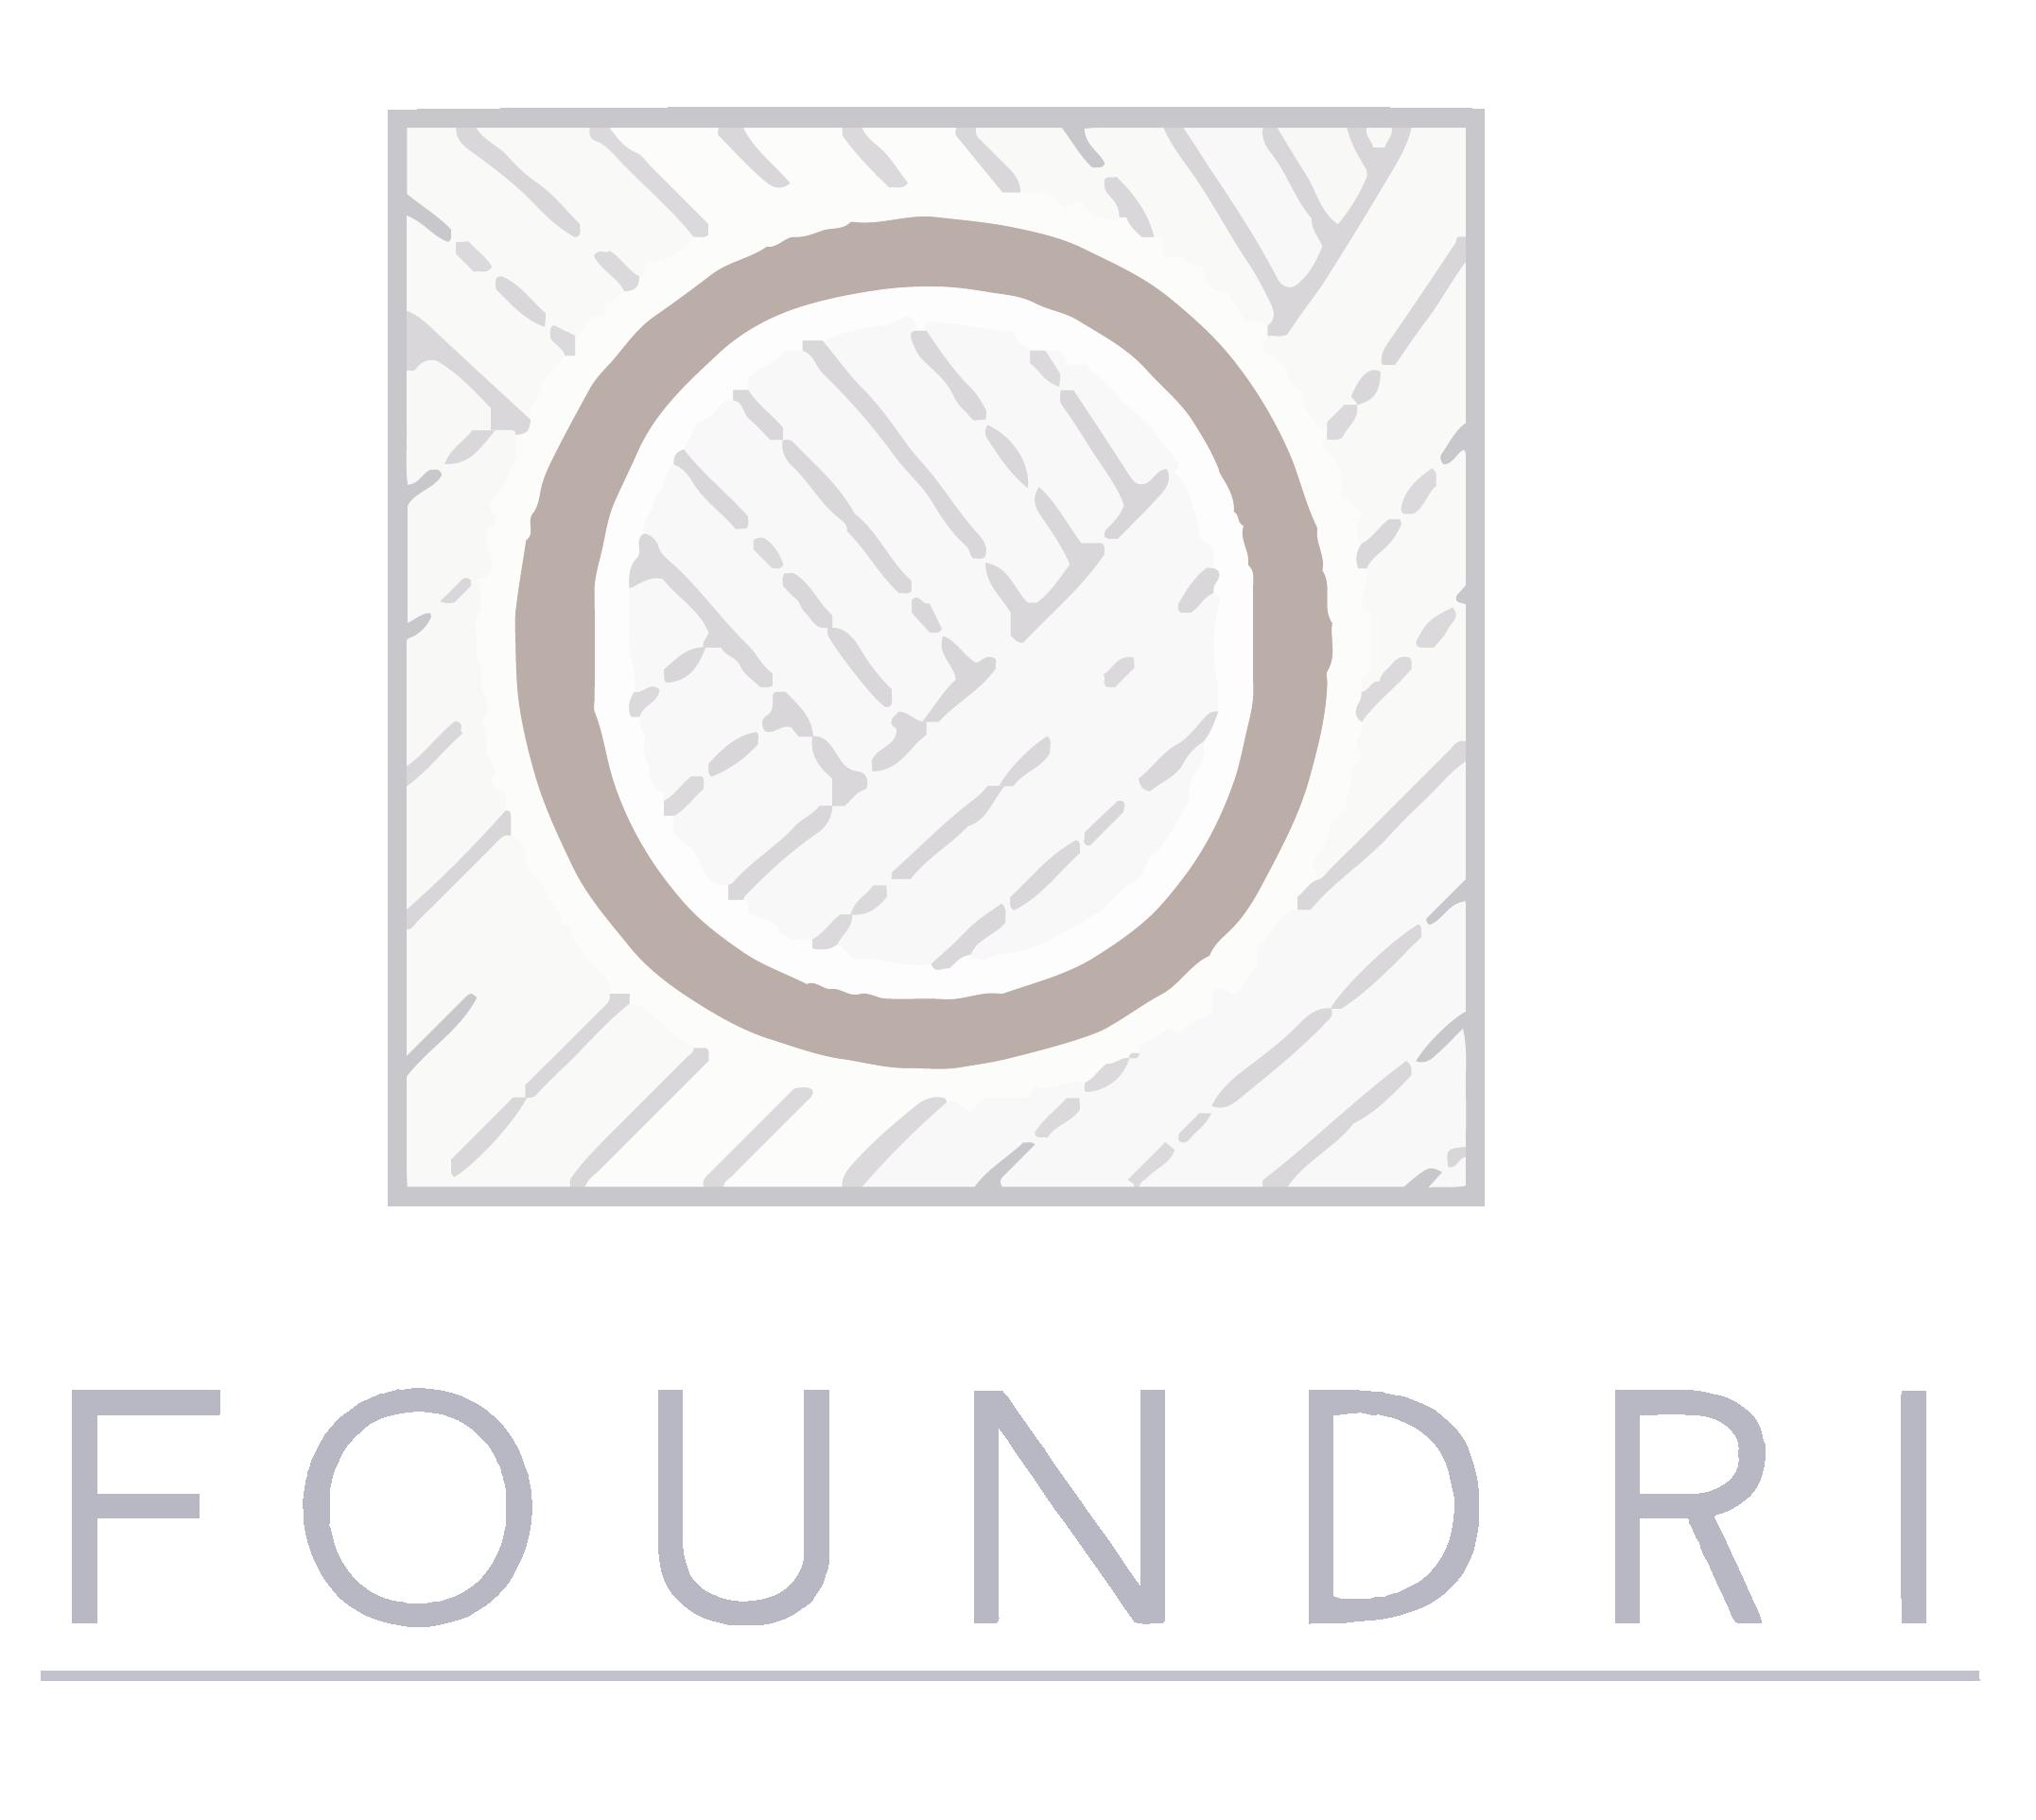 Foundri